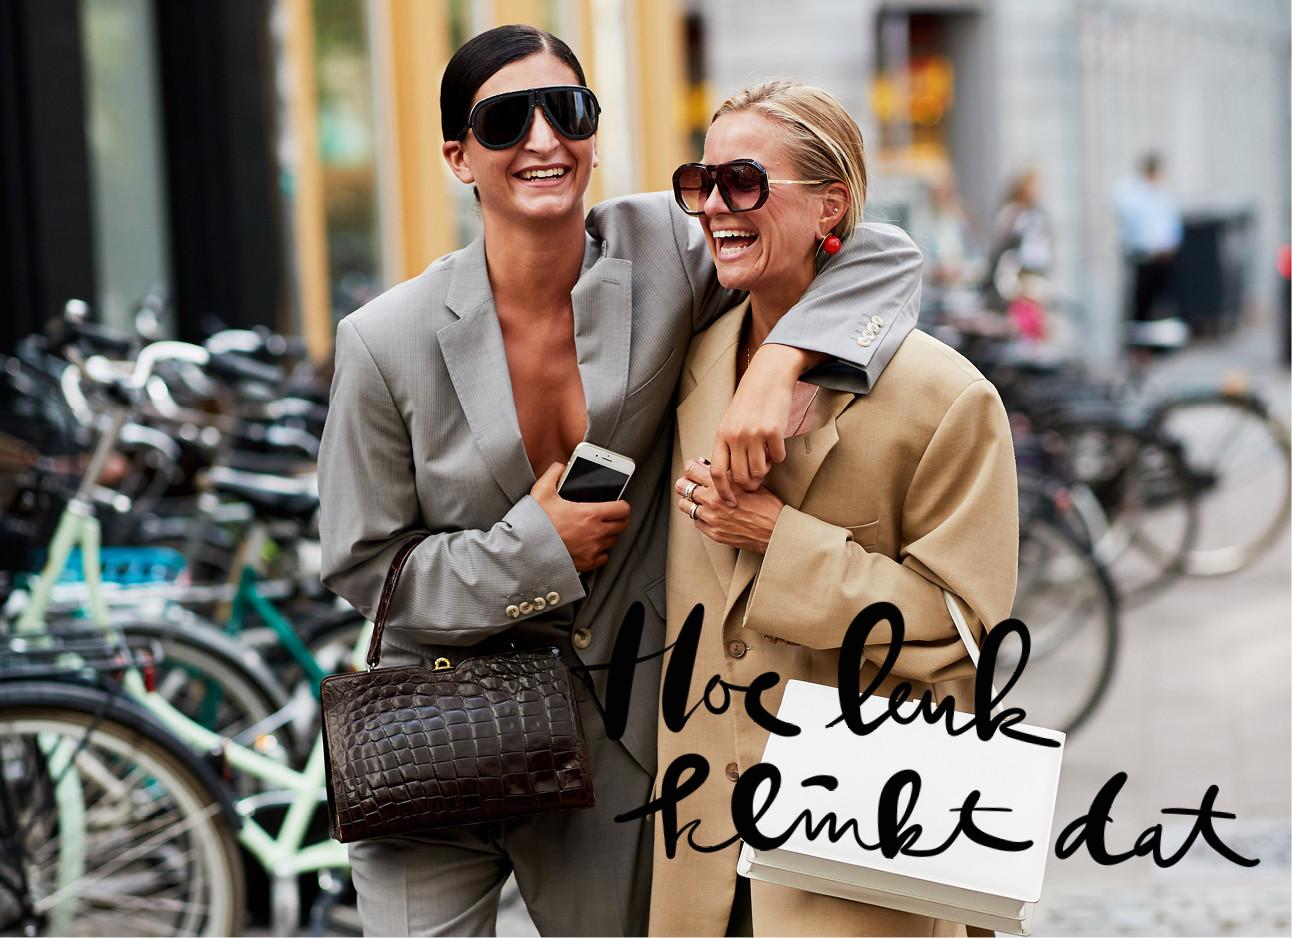 twee dames in een suit lachend over straat met telefoon in de hand, hoe leuk klinkt dat